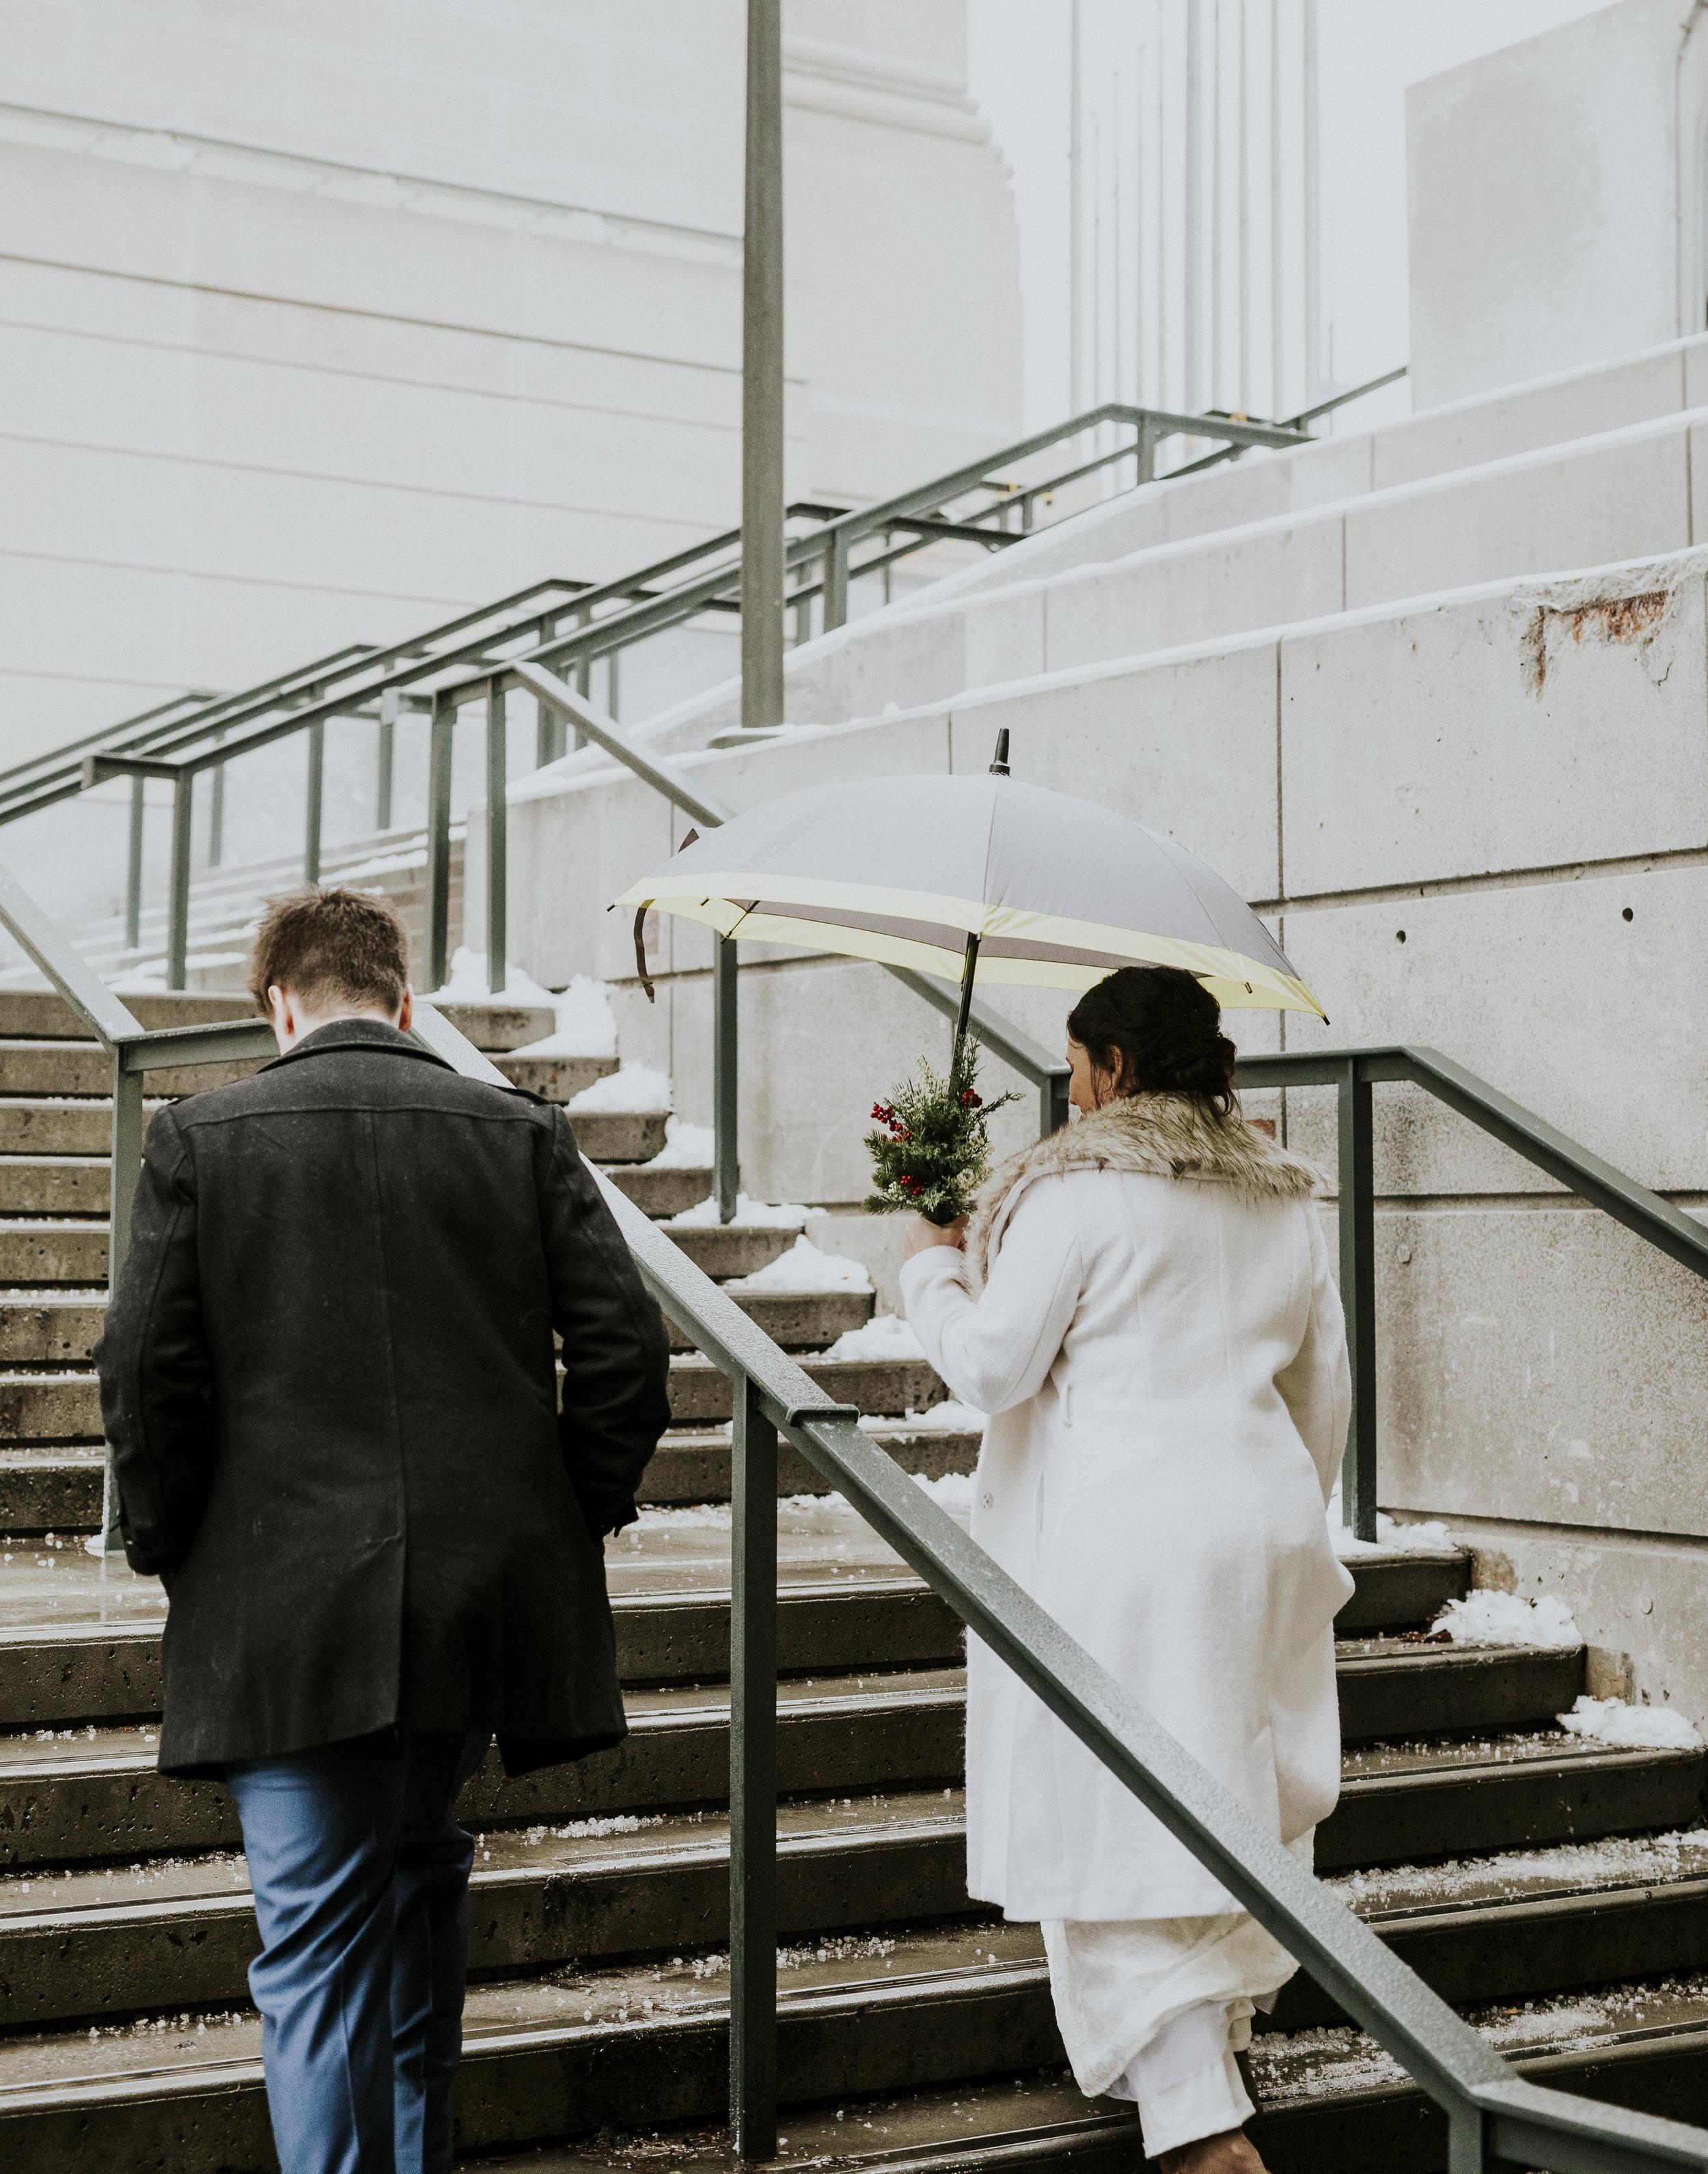 001_Bride + Groom Portraits-001.jpg